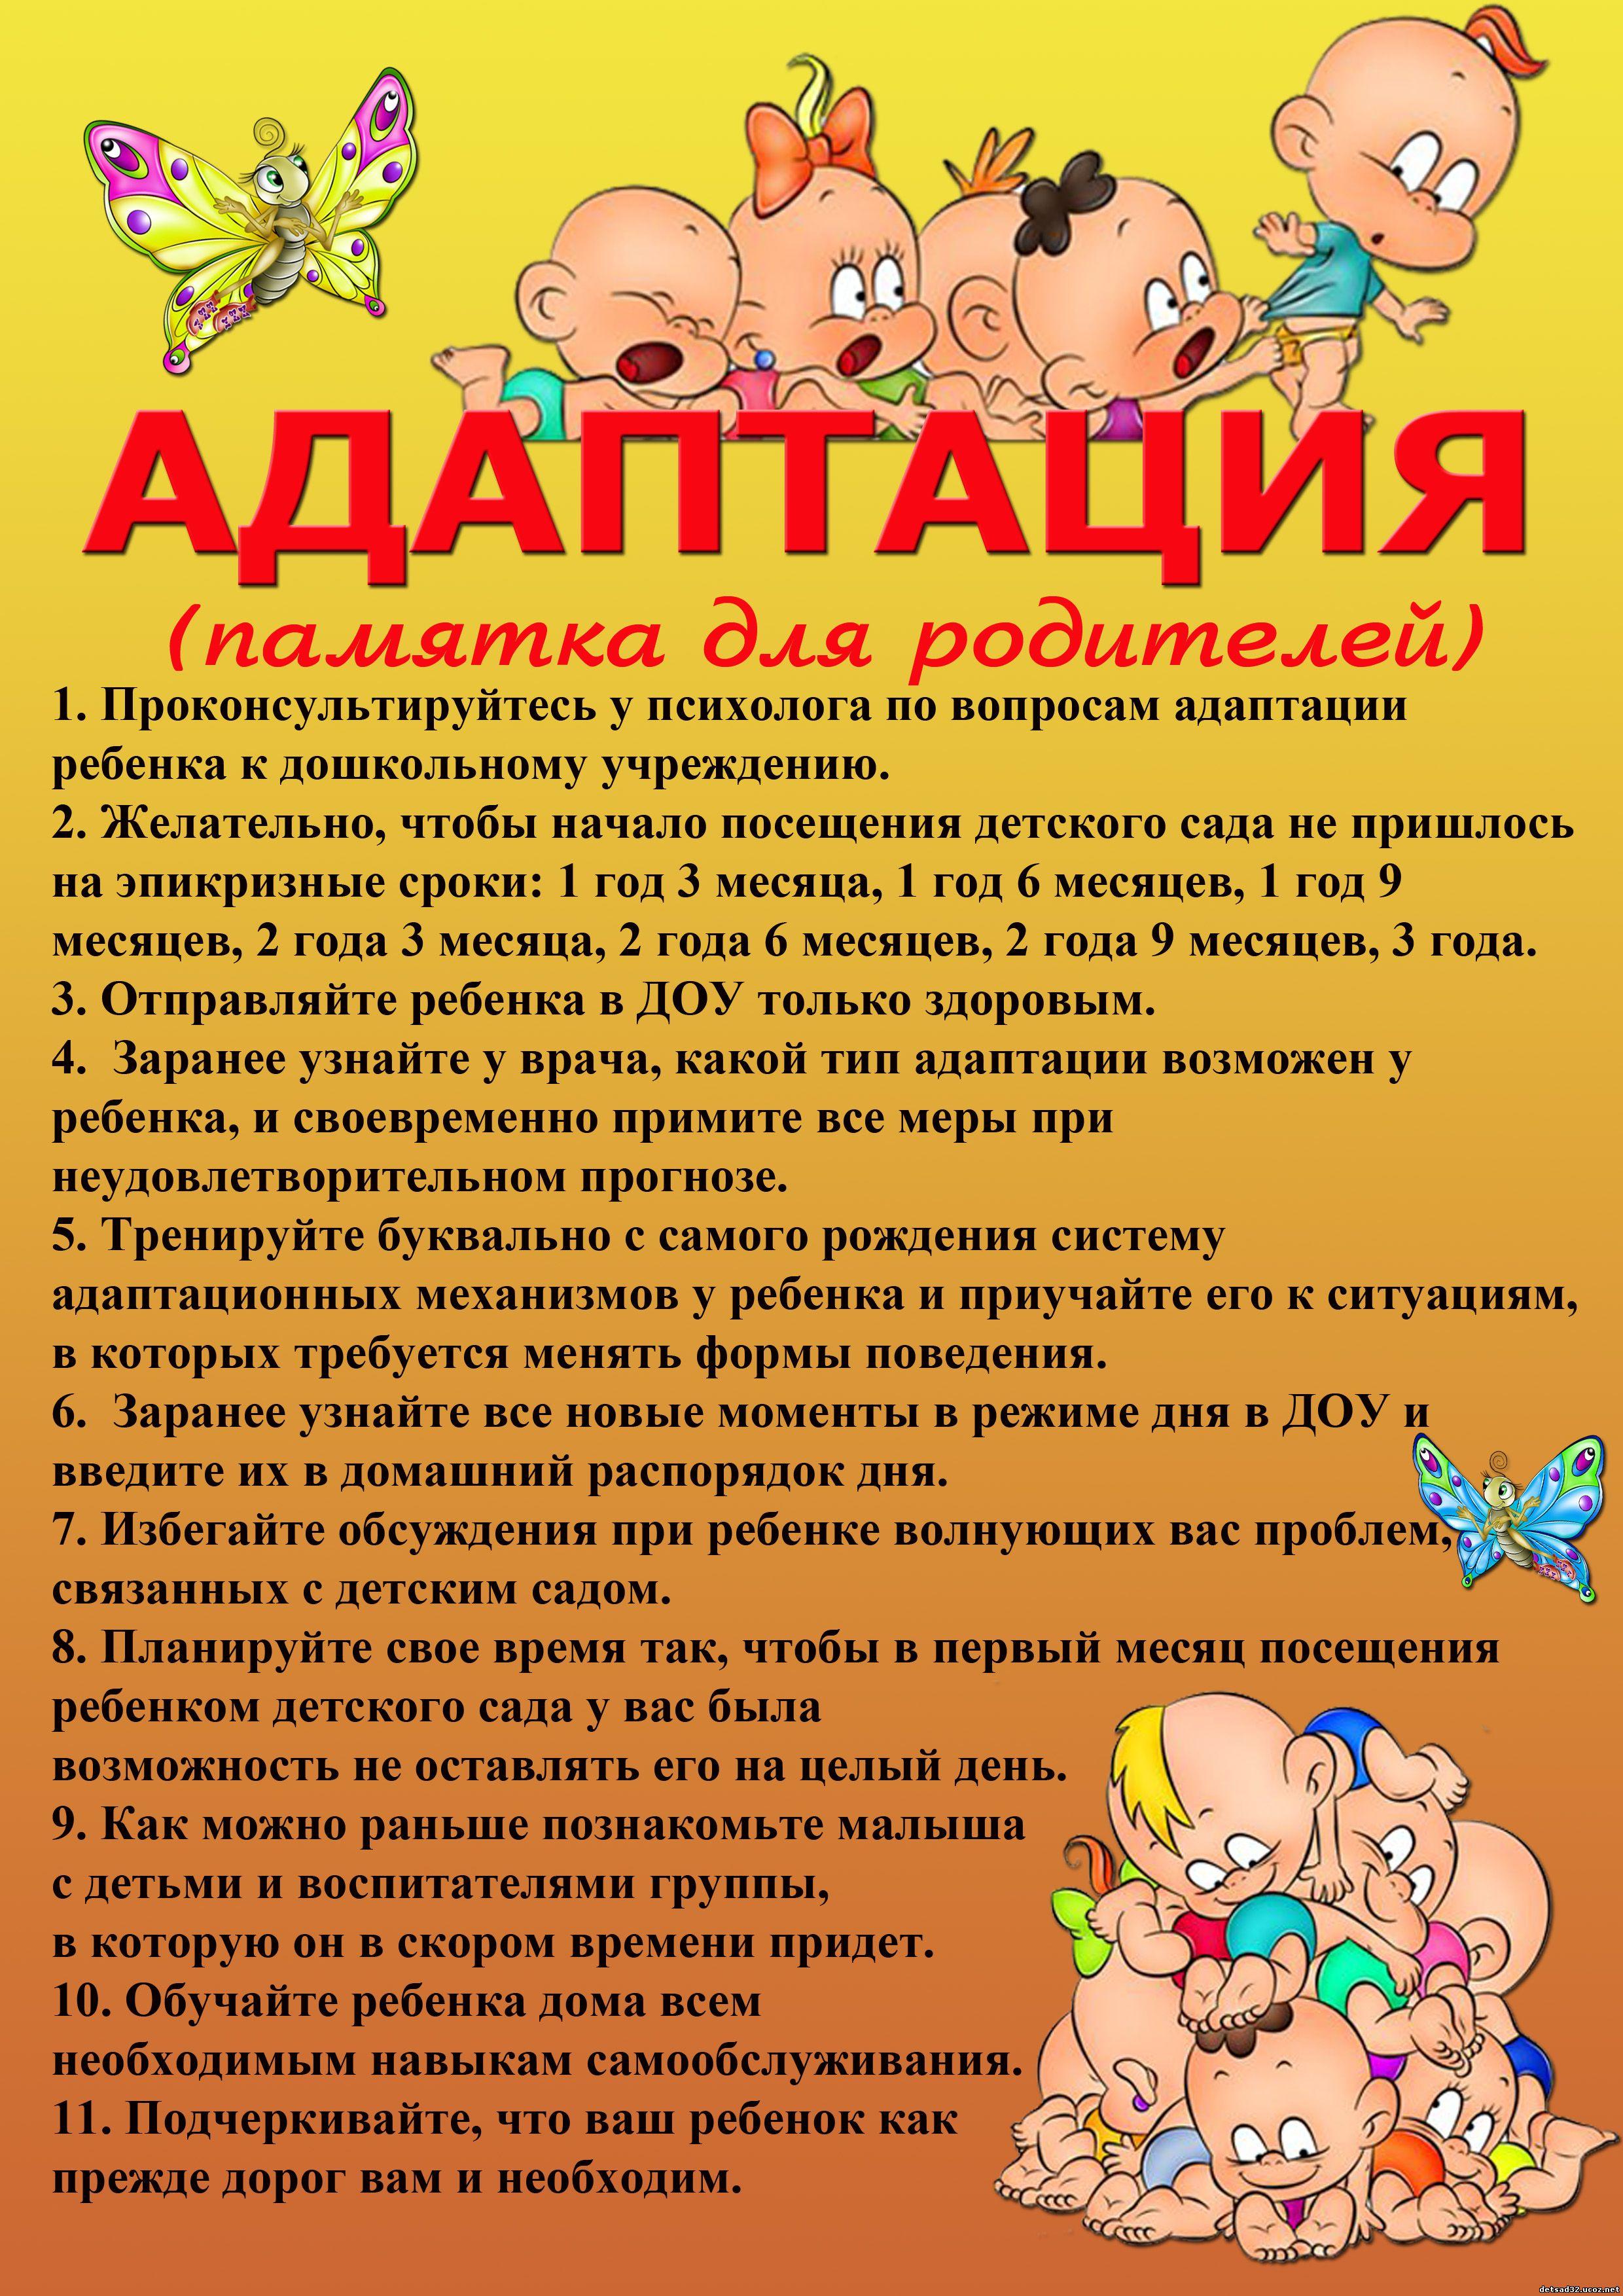 pamyatki-dlya-roditeley-detey-v-detskom-sadu-63521-large